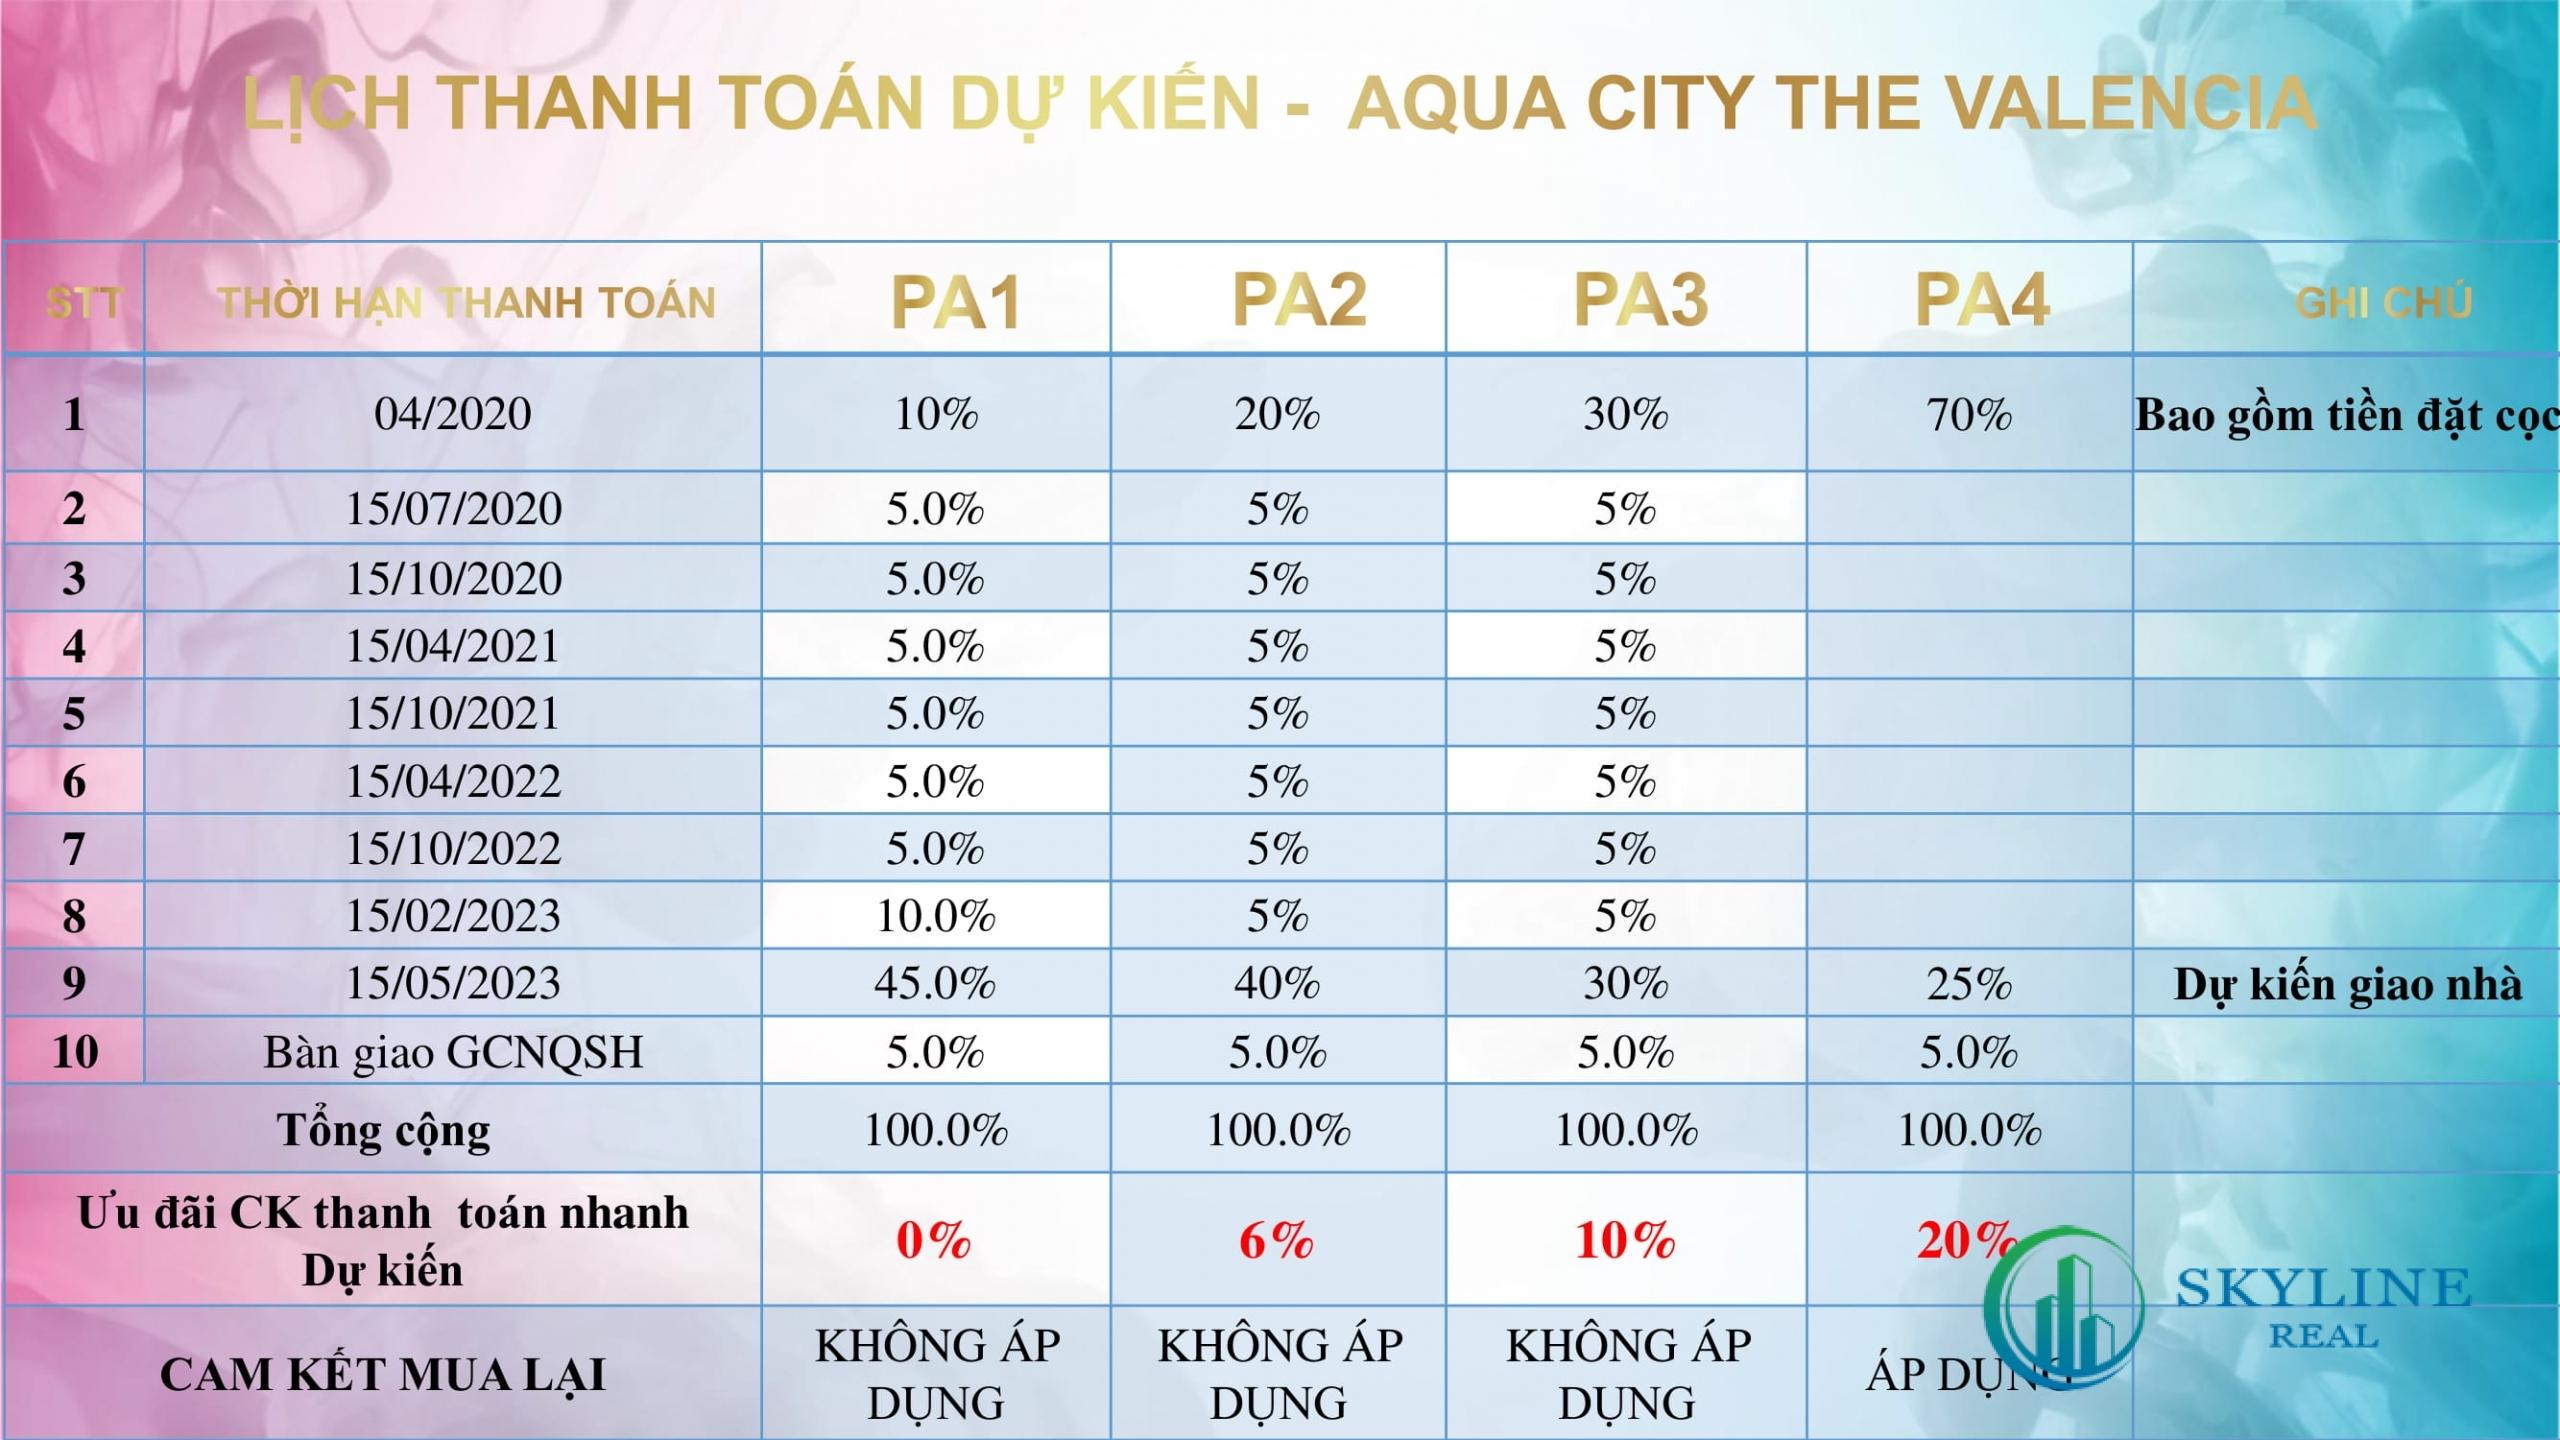 Phương thức thanh toán The Valencia Aqua City